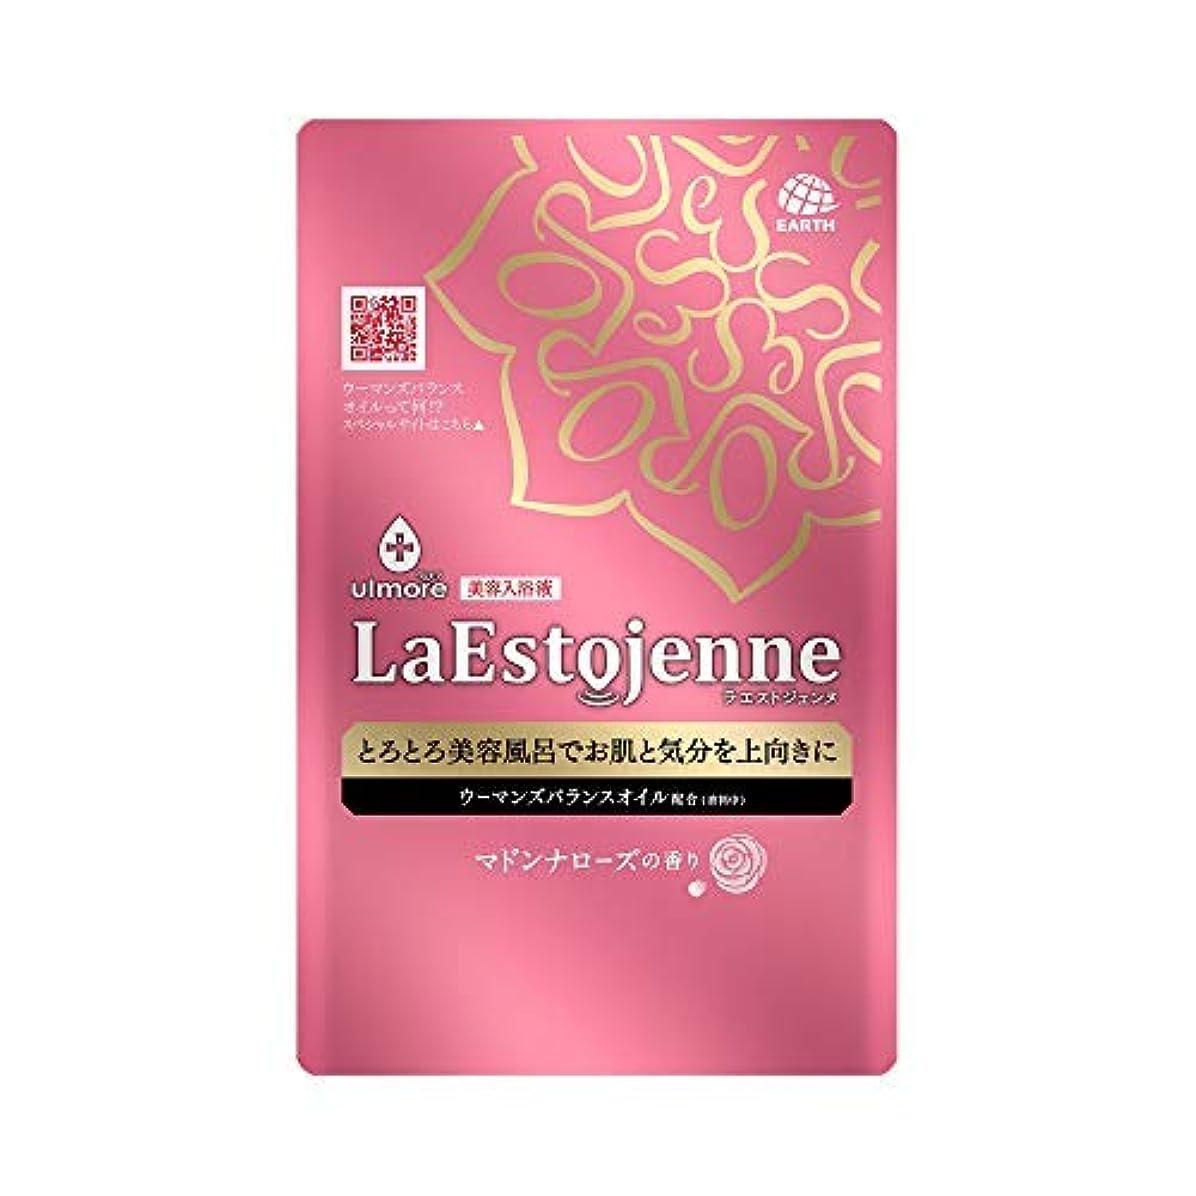 翻訳者がんばり続けるおとうさんウルモア ラエストジェンヌ マドンナローズの香り 1包 × 8個セット